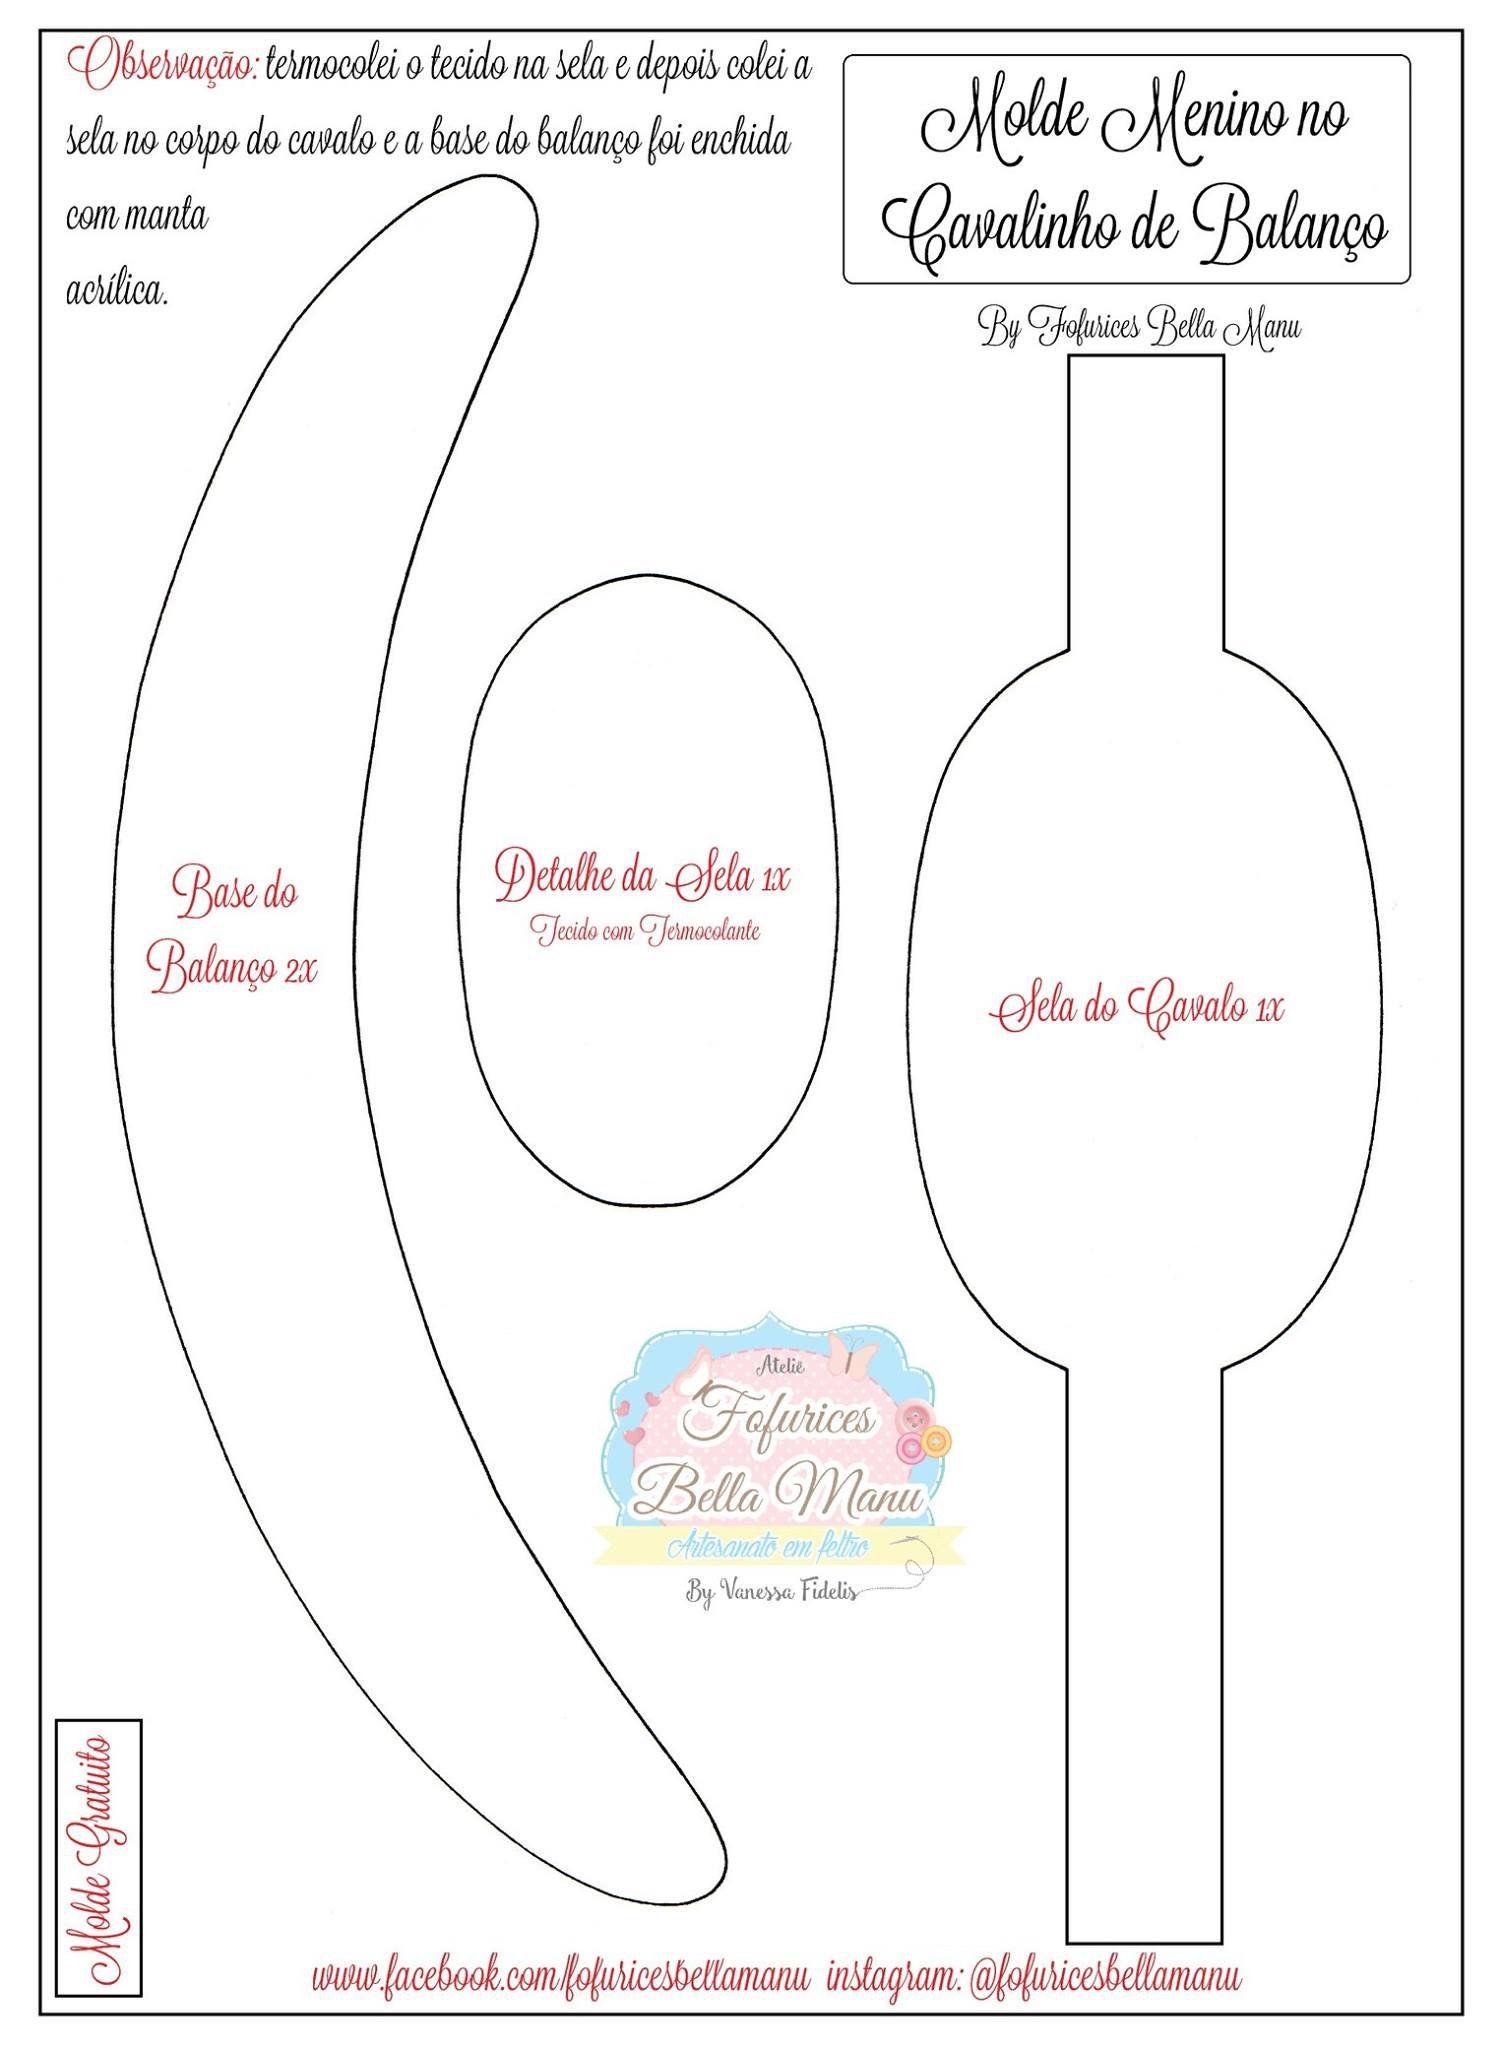 Sagoma Cavallo A Dondolo Disegno.Pin Di Sonett Coetser Su Felt Crafts Cavalli A Dondolo Sagome